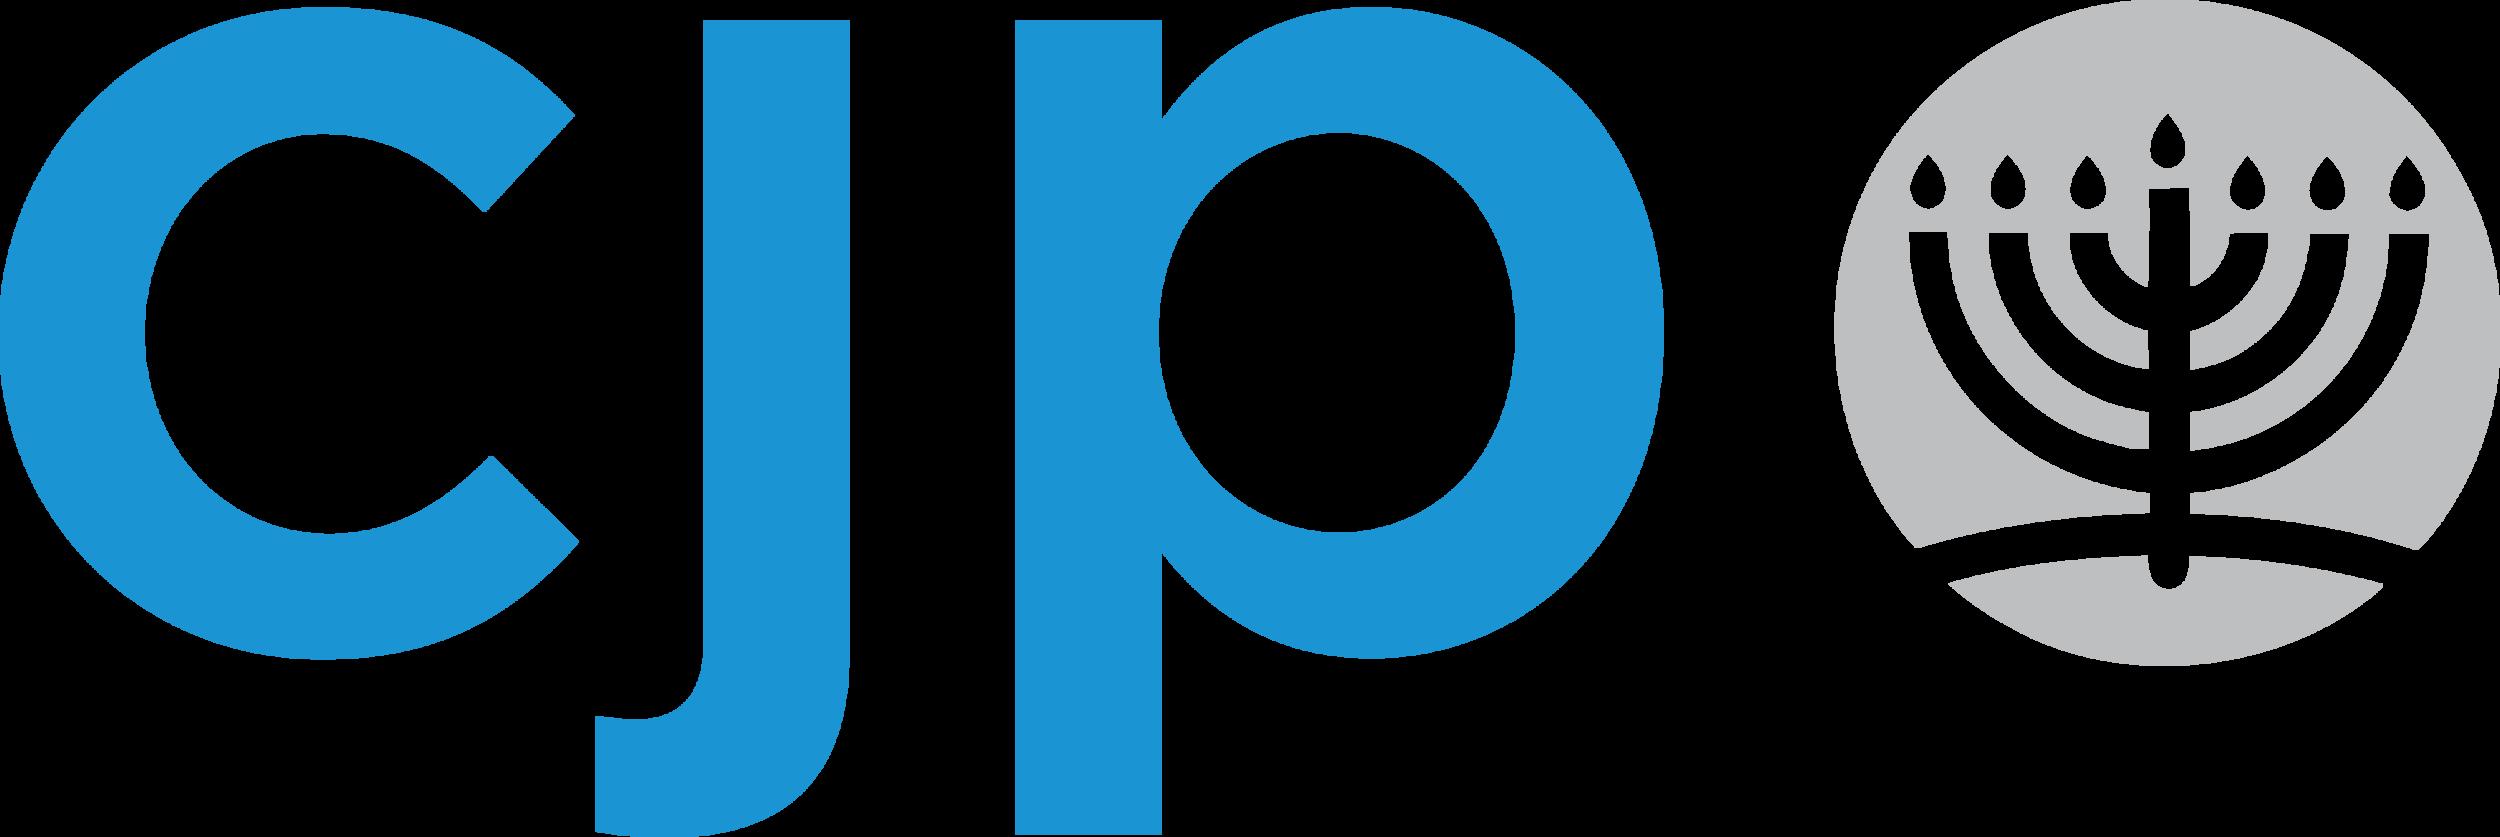 cjp_logo_rgb.png